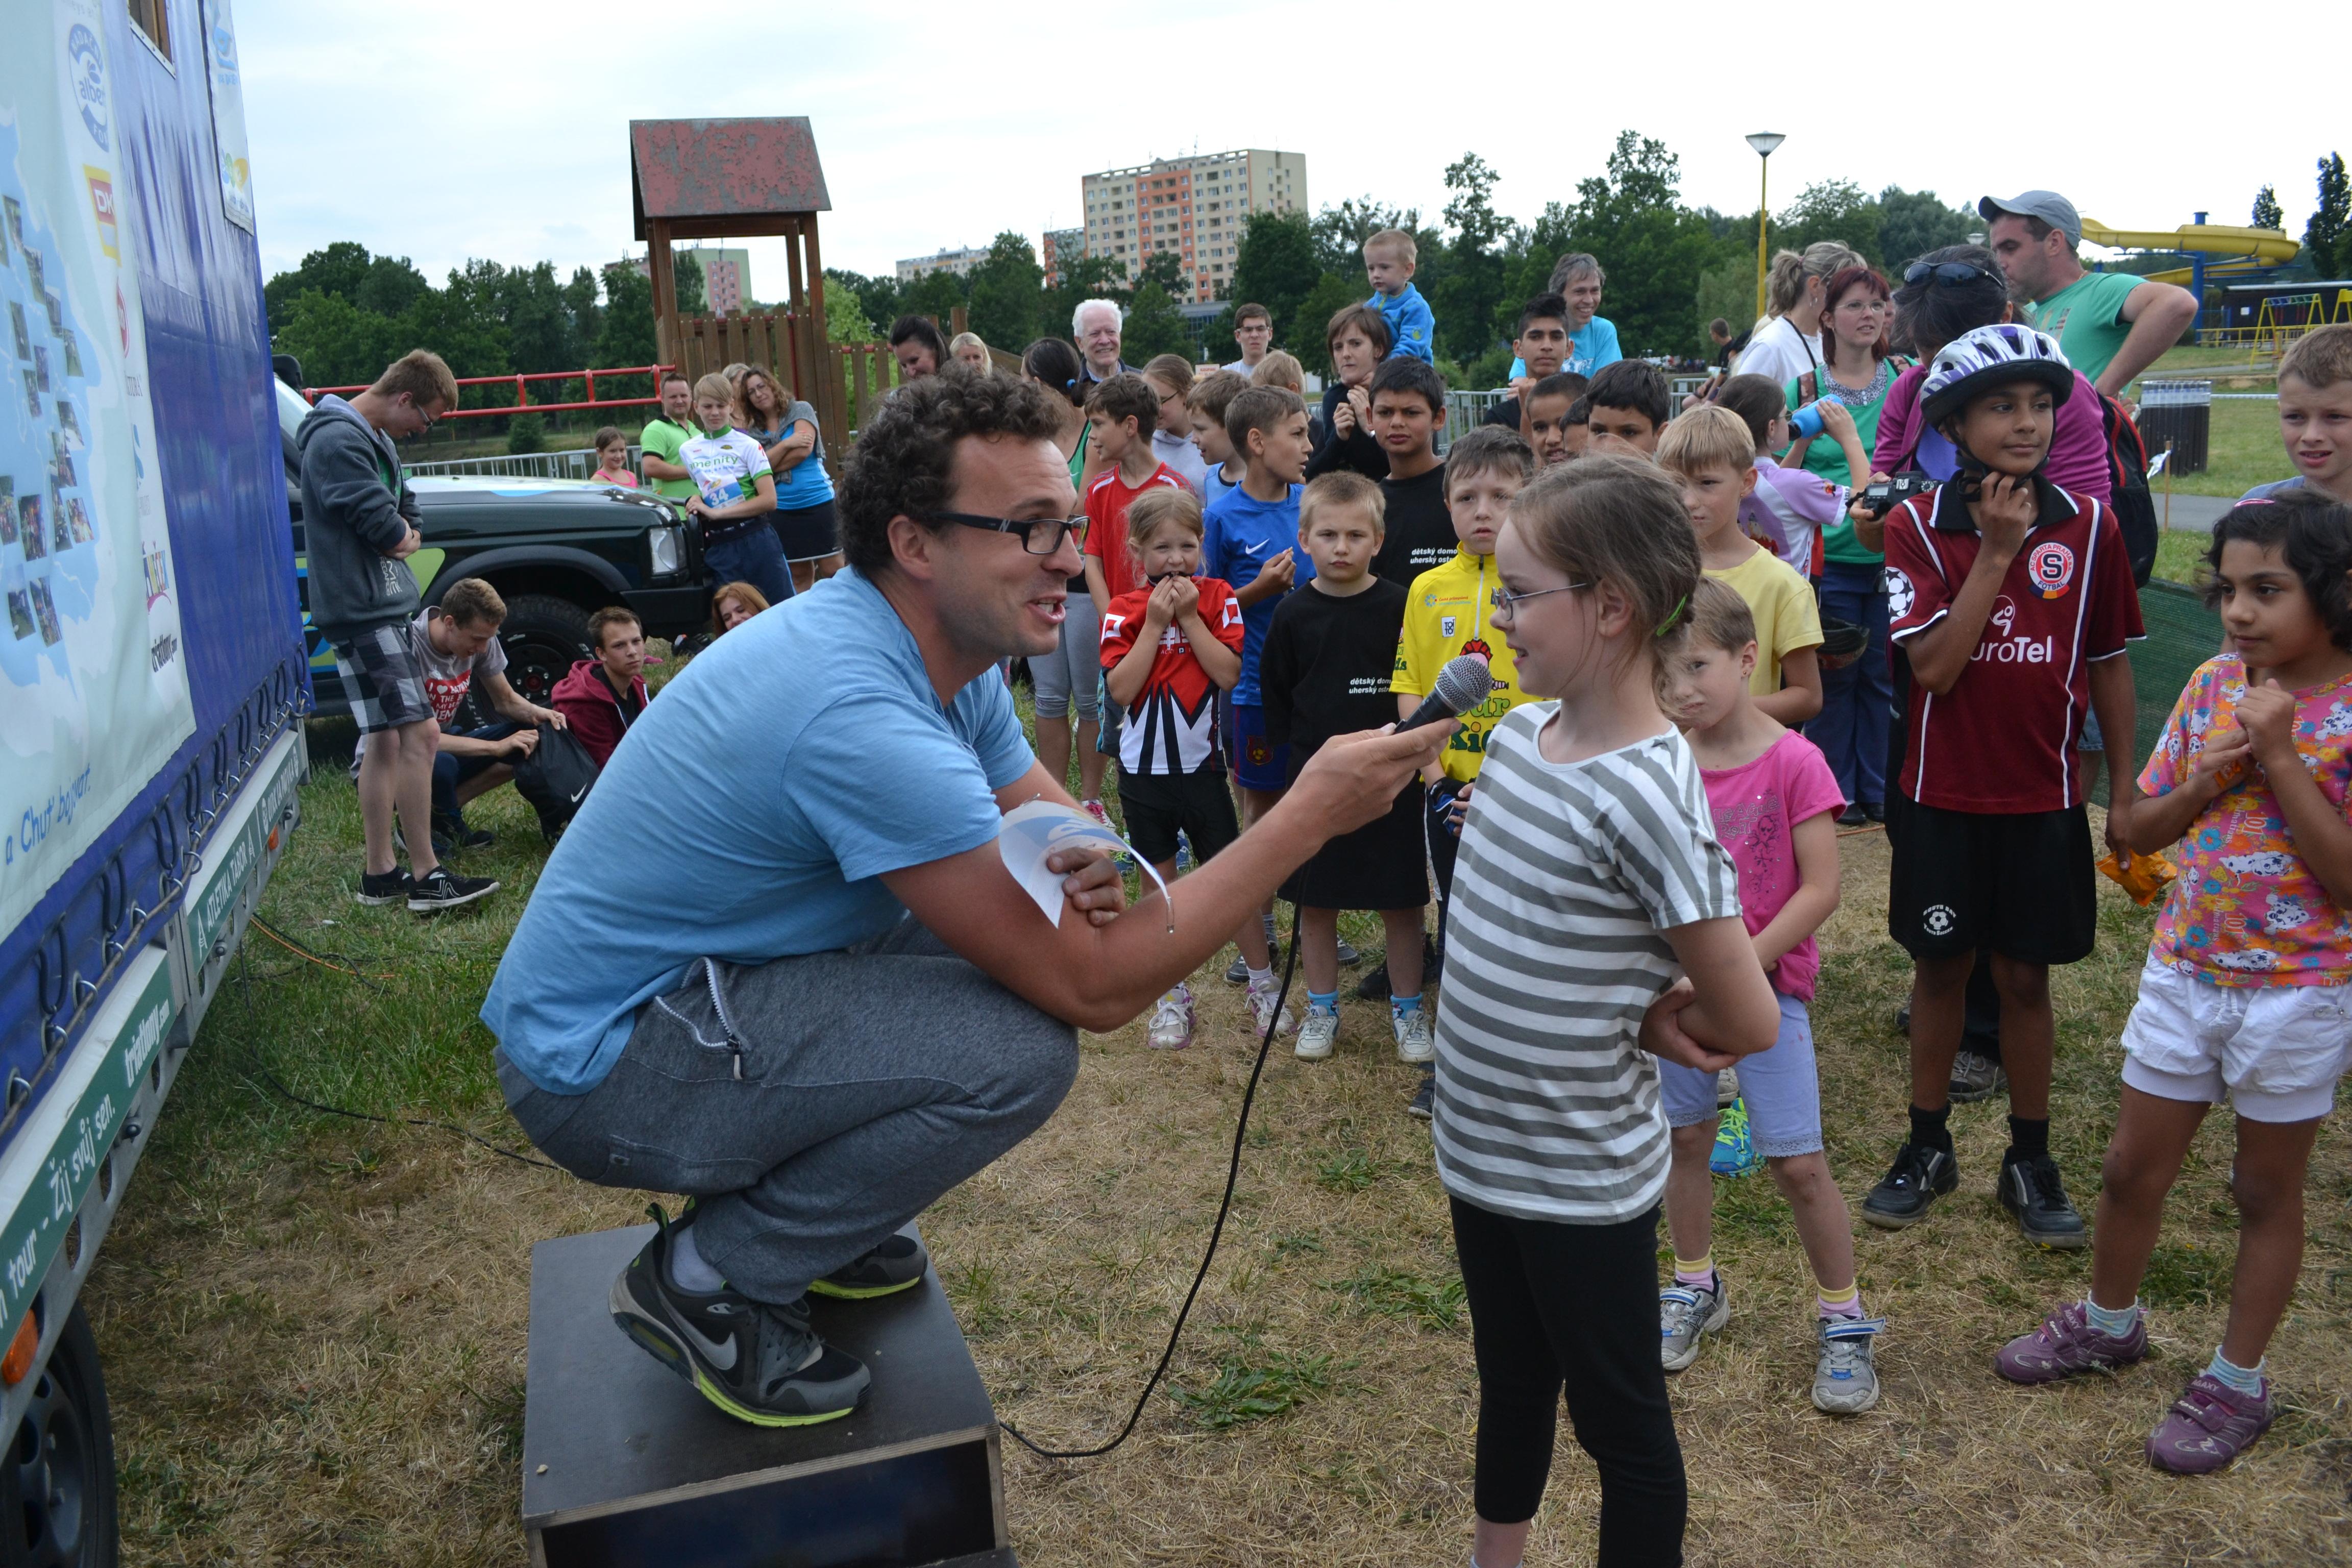 Tomášův denní chleba – sportovní akce pro děti z detských domovů nebo sociálně slabých rodin.